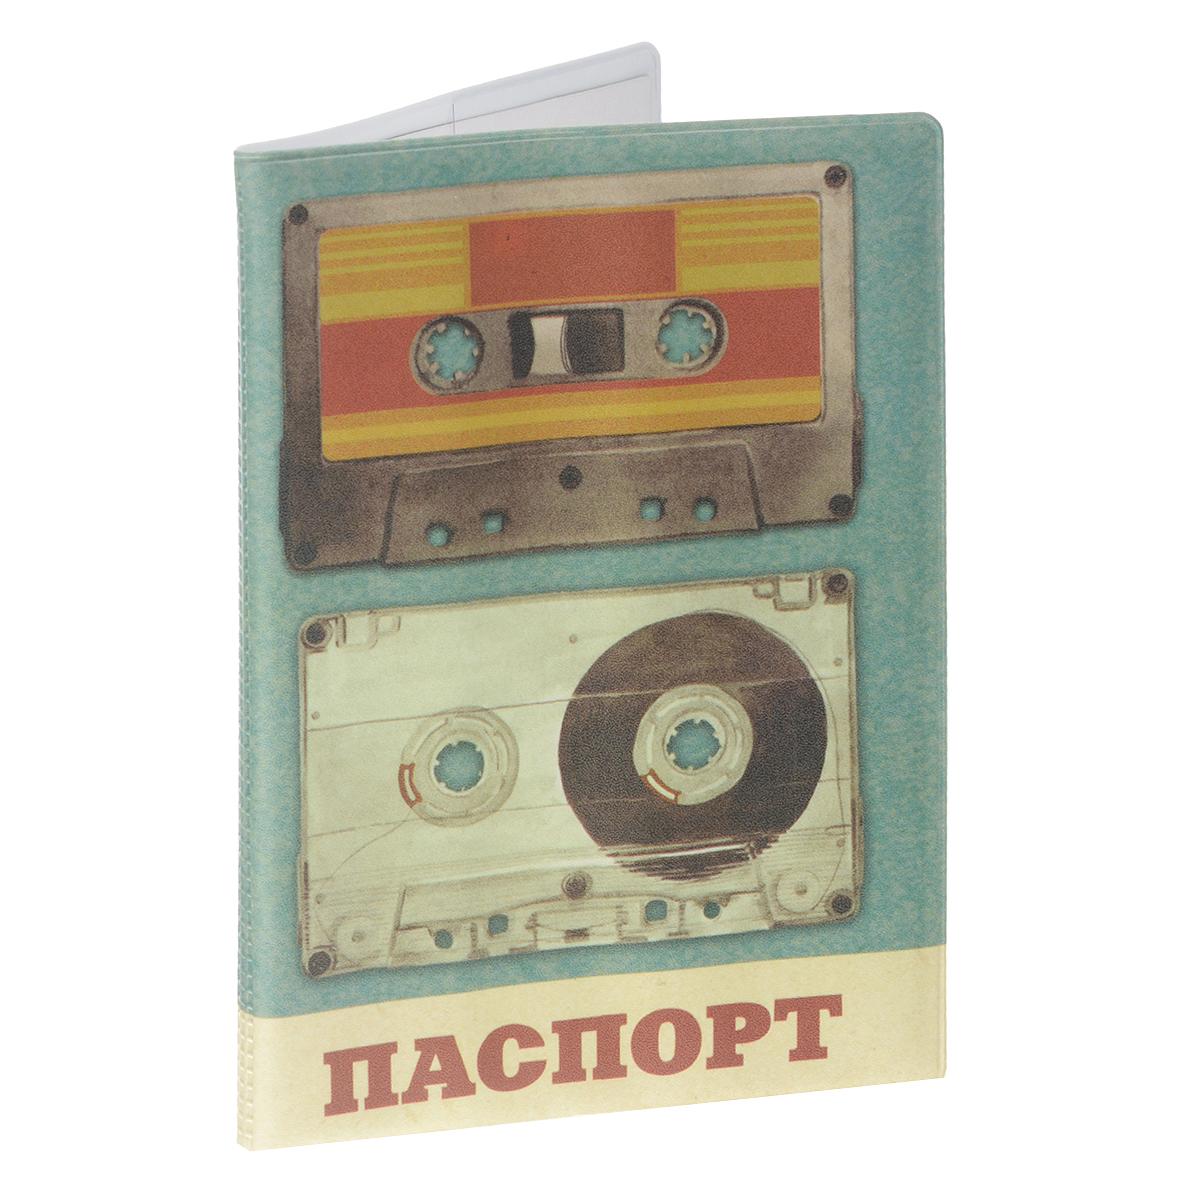 Обложка для паспорта Аудиокассеты, цвет: зеленый, бежевый. 37706OK293Обложка для паспорта Аудиокассеты выполнена из ПВХ и оформлена изображением двух аудиокассет. Такая обложка не только поможет сохранить внешний вид ваших документов и защитит их от повреждений, но и станет стильным аксессуаром, идеально подходящим вашему образу.Яркая и оригинальная обложка подчеркнет вашу индивидуальность и изысканный вкус. Обложка для паспорта стильного дизайна может быть достойным и оригинальным подарком.